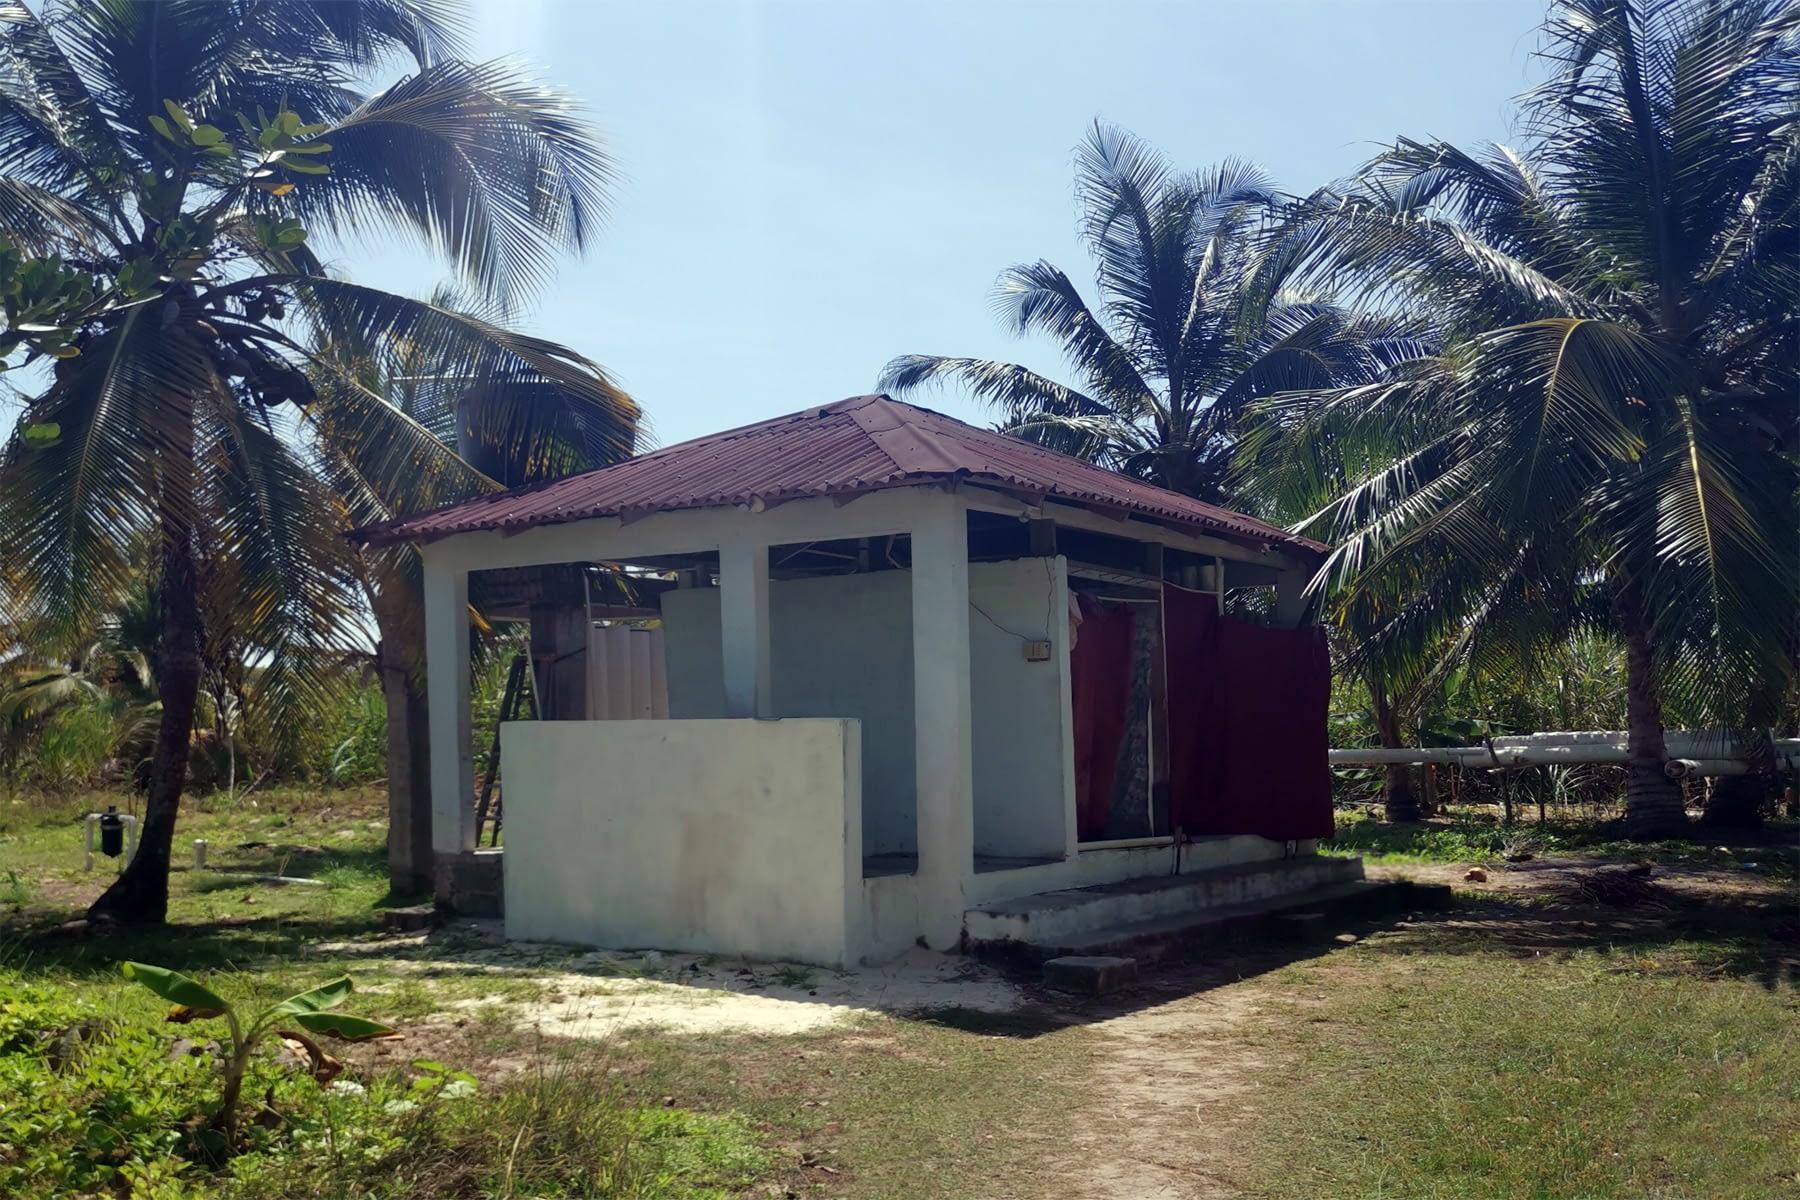 Baños y duchas de Agua dulce en la isla Masargandub